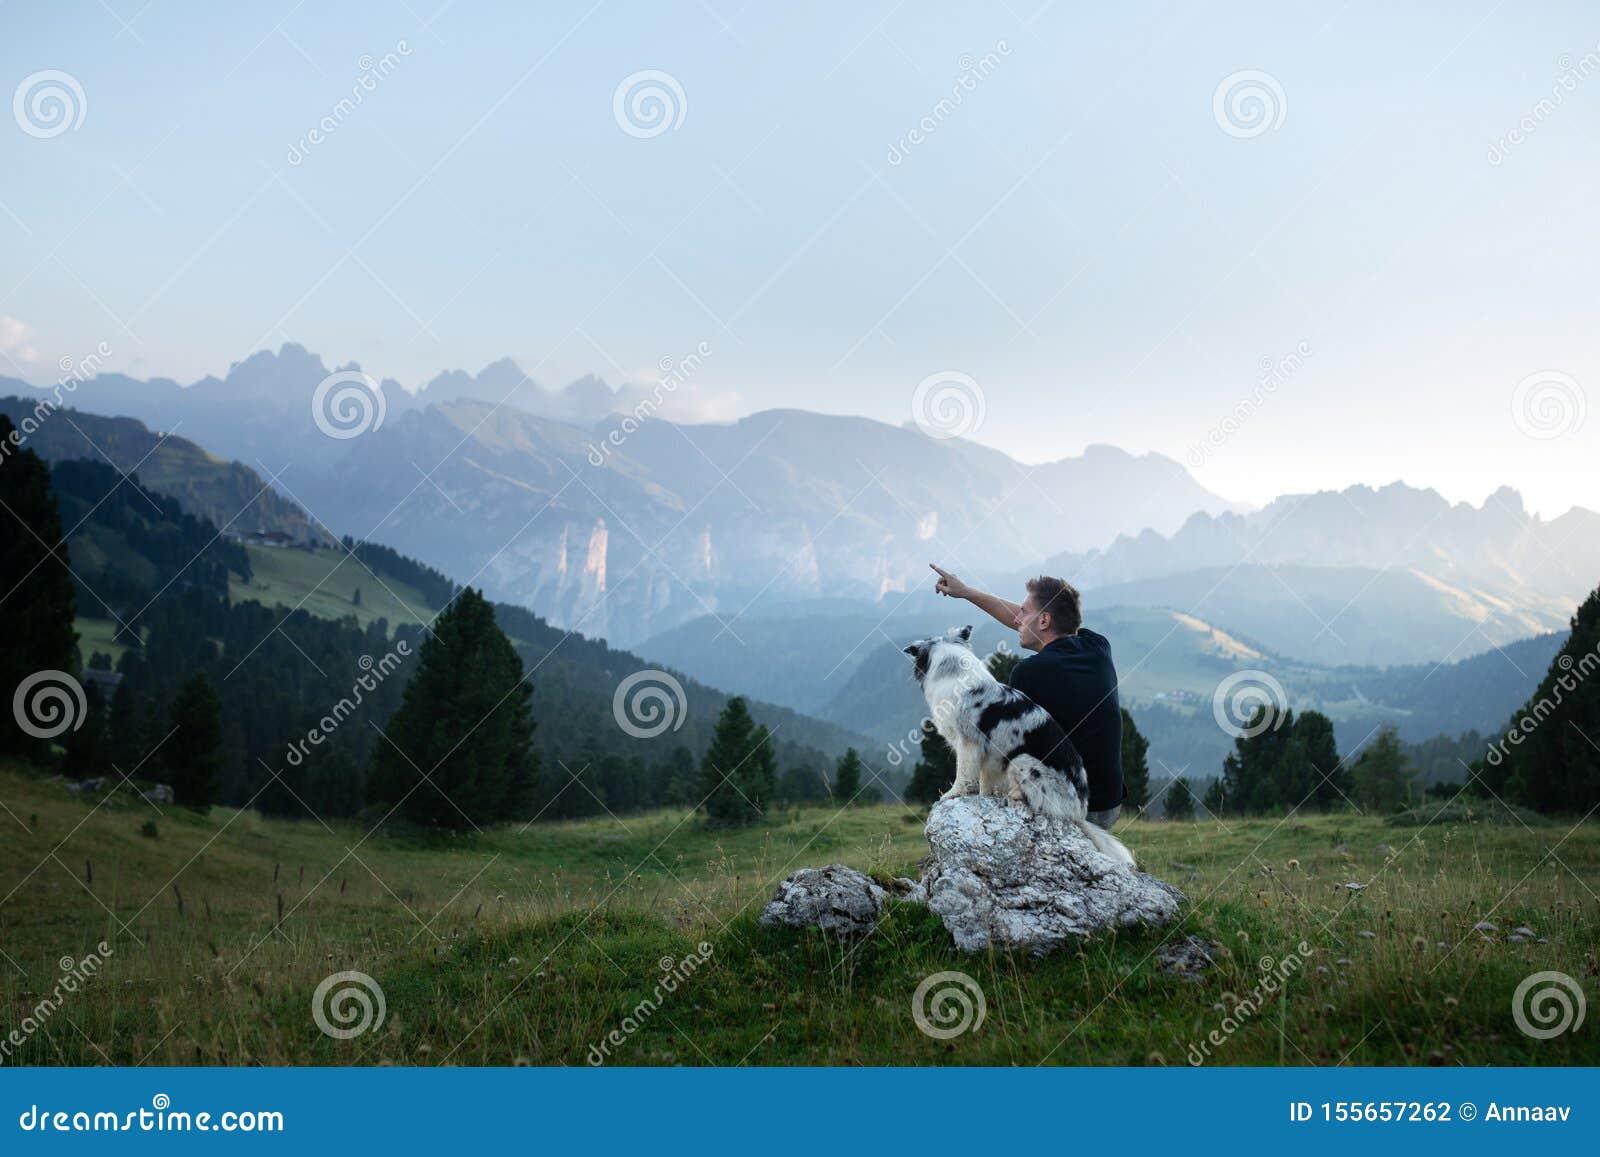 Hund mit einem Mann in den Bergen bei Sonnenaufgang Reise mit einem Haustier